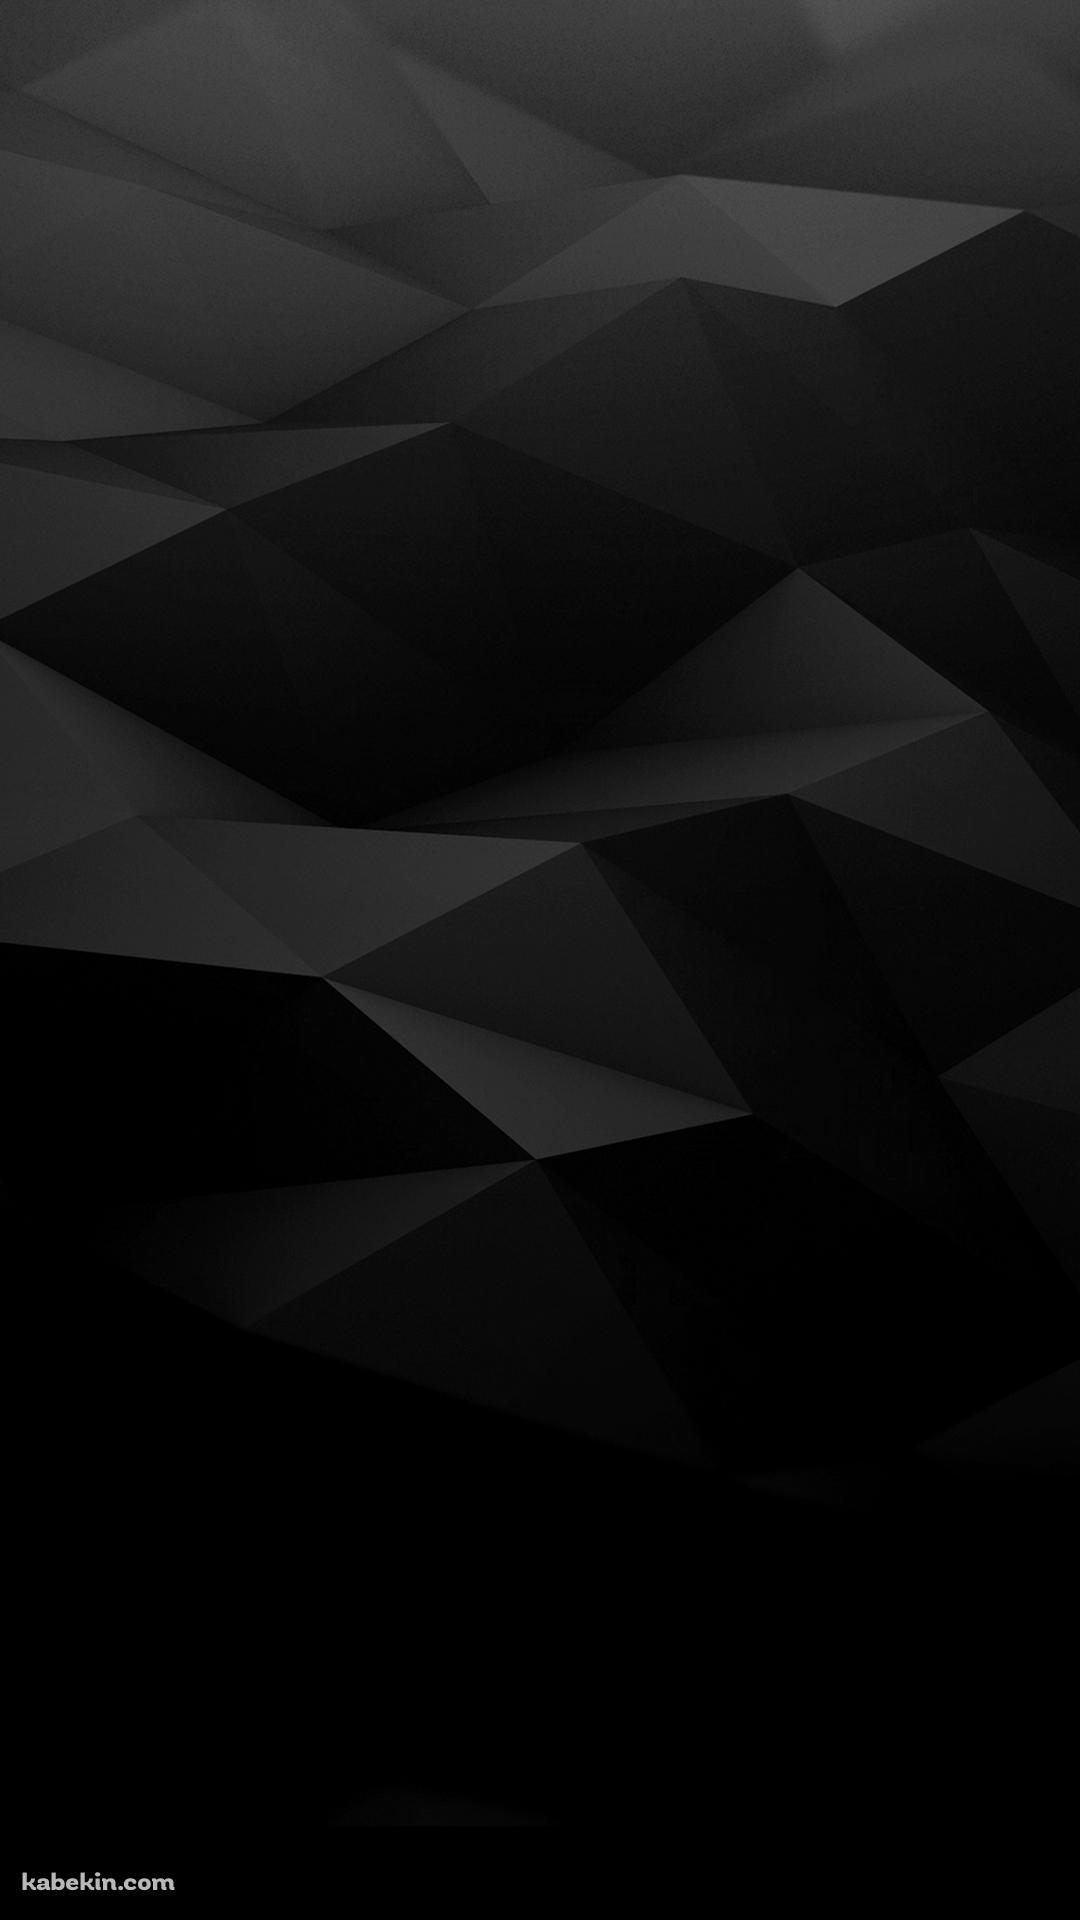 黒の凹凸のあるポリゴンのandroid壁紙 1080 X 19 壁紙キングダム スマホ版